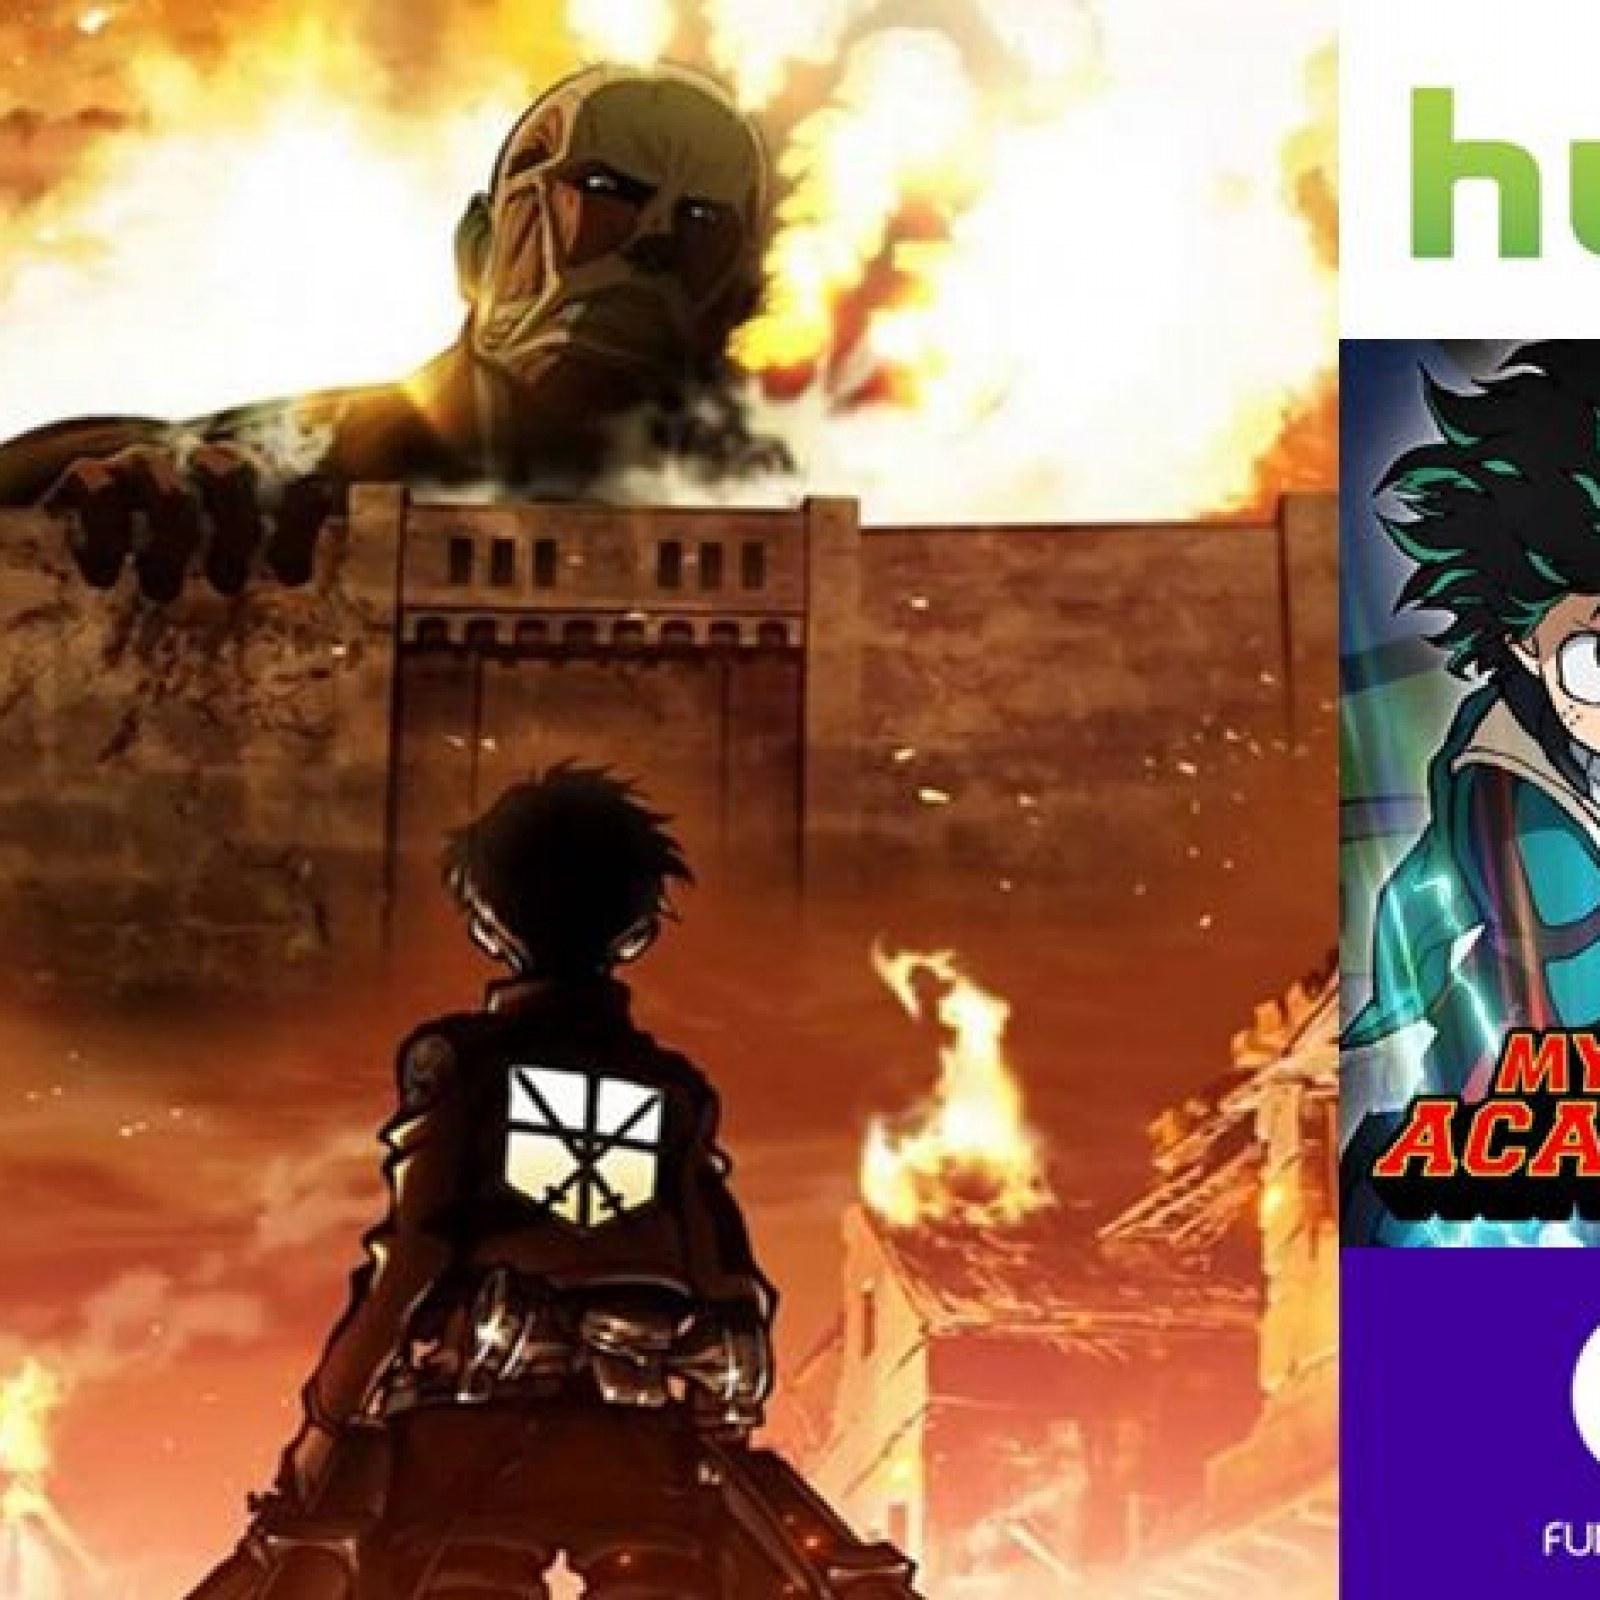 Madison : Tokyo ghoul season 3 dub hulu